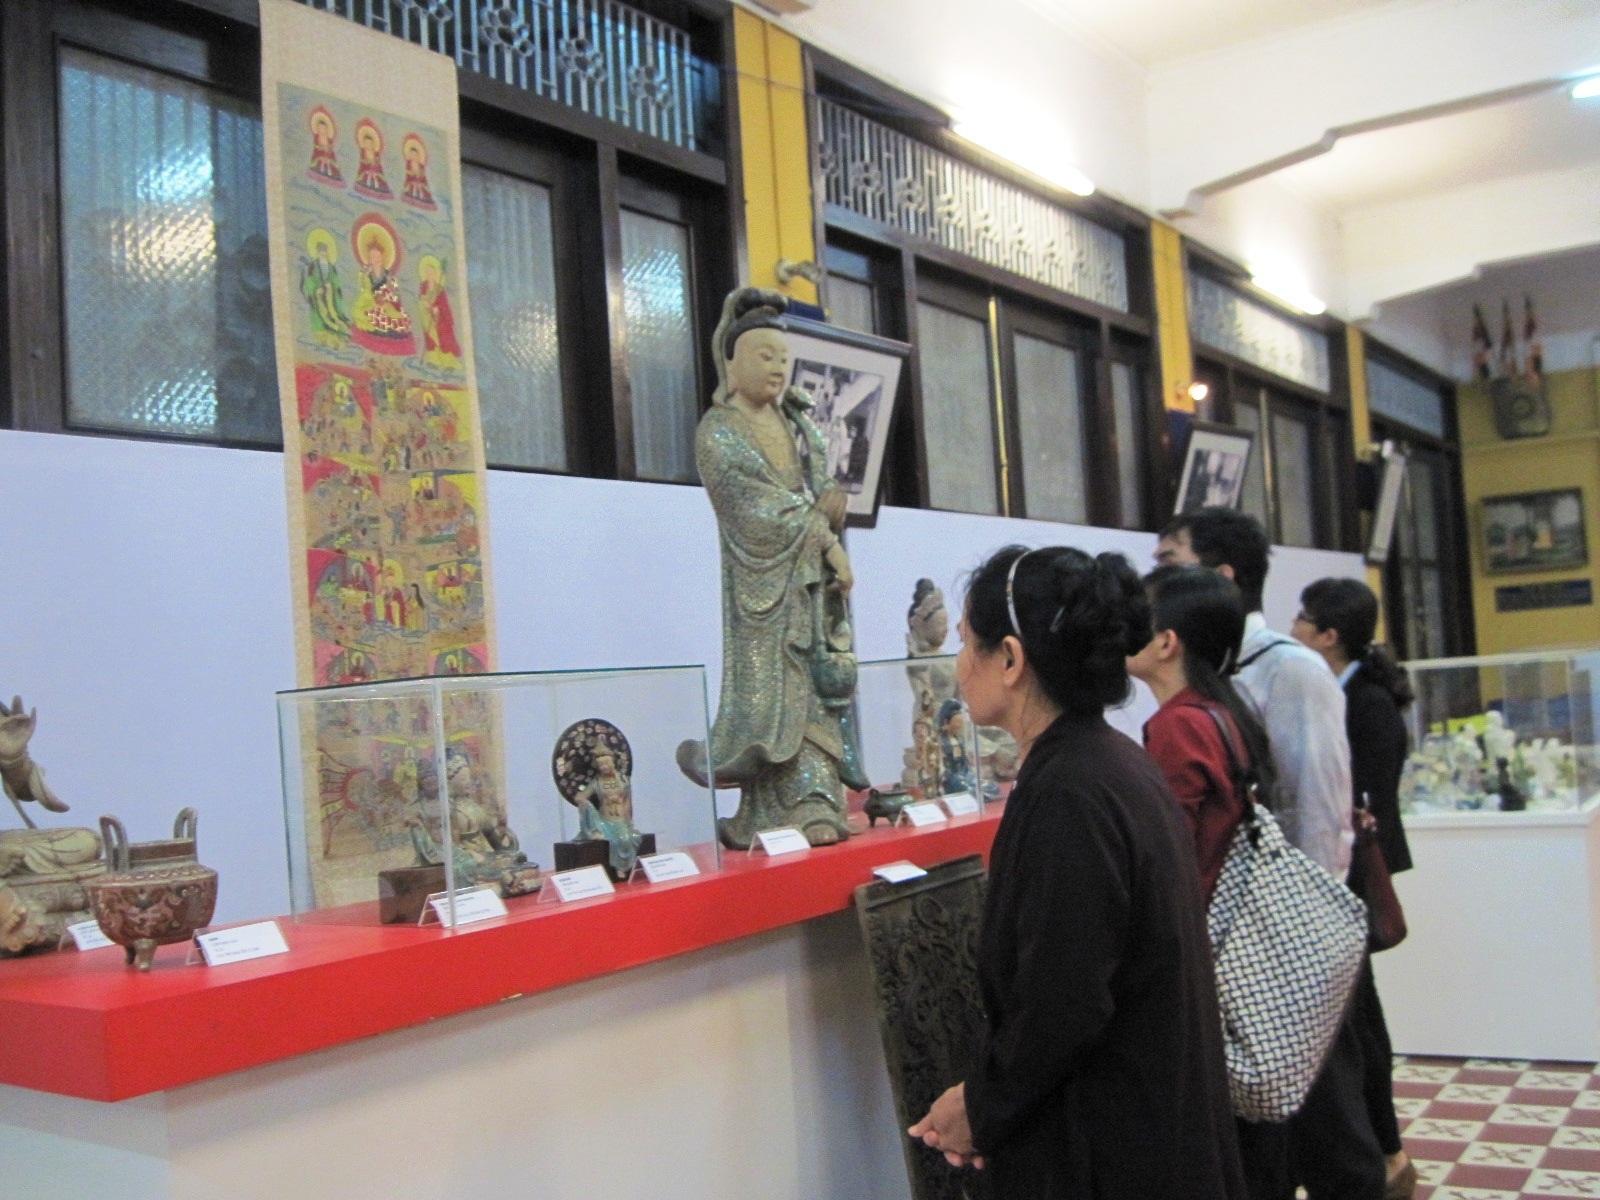 Phật tử chuẩn bị khai kinh tại chùa Phổ Quang (Q. Tân Bình) - ảnh: Hoàng Tidus